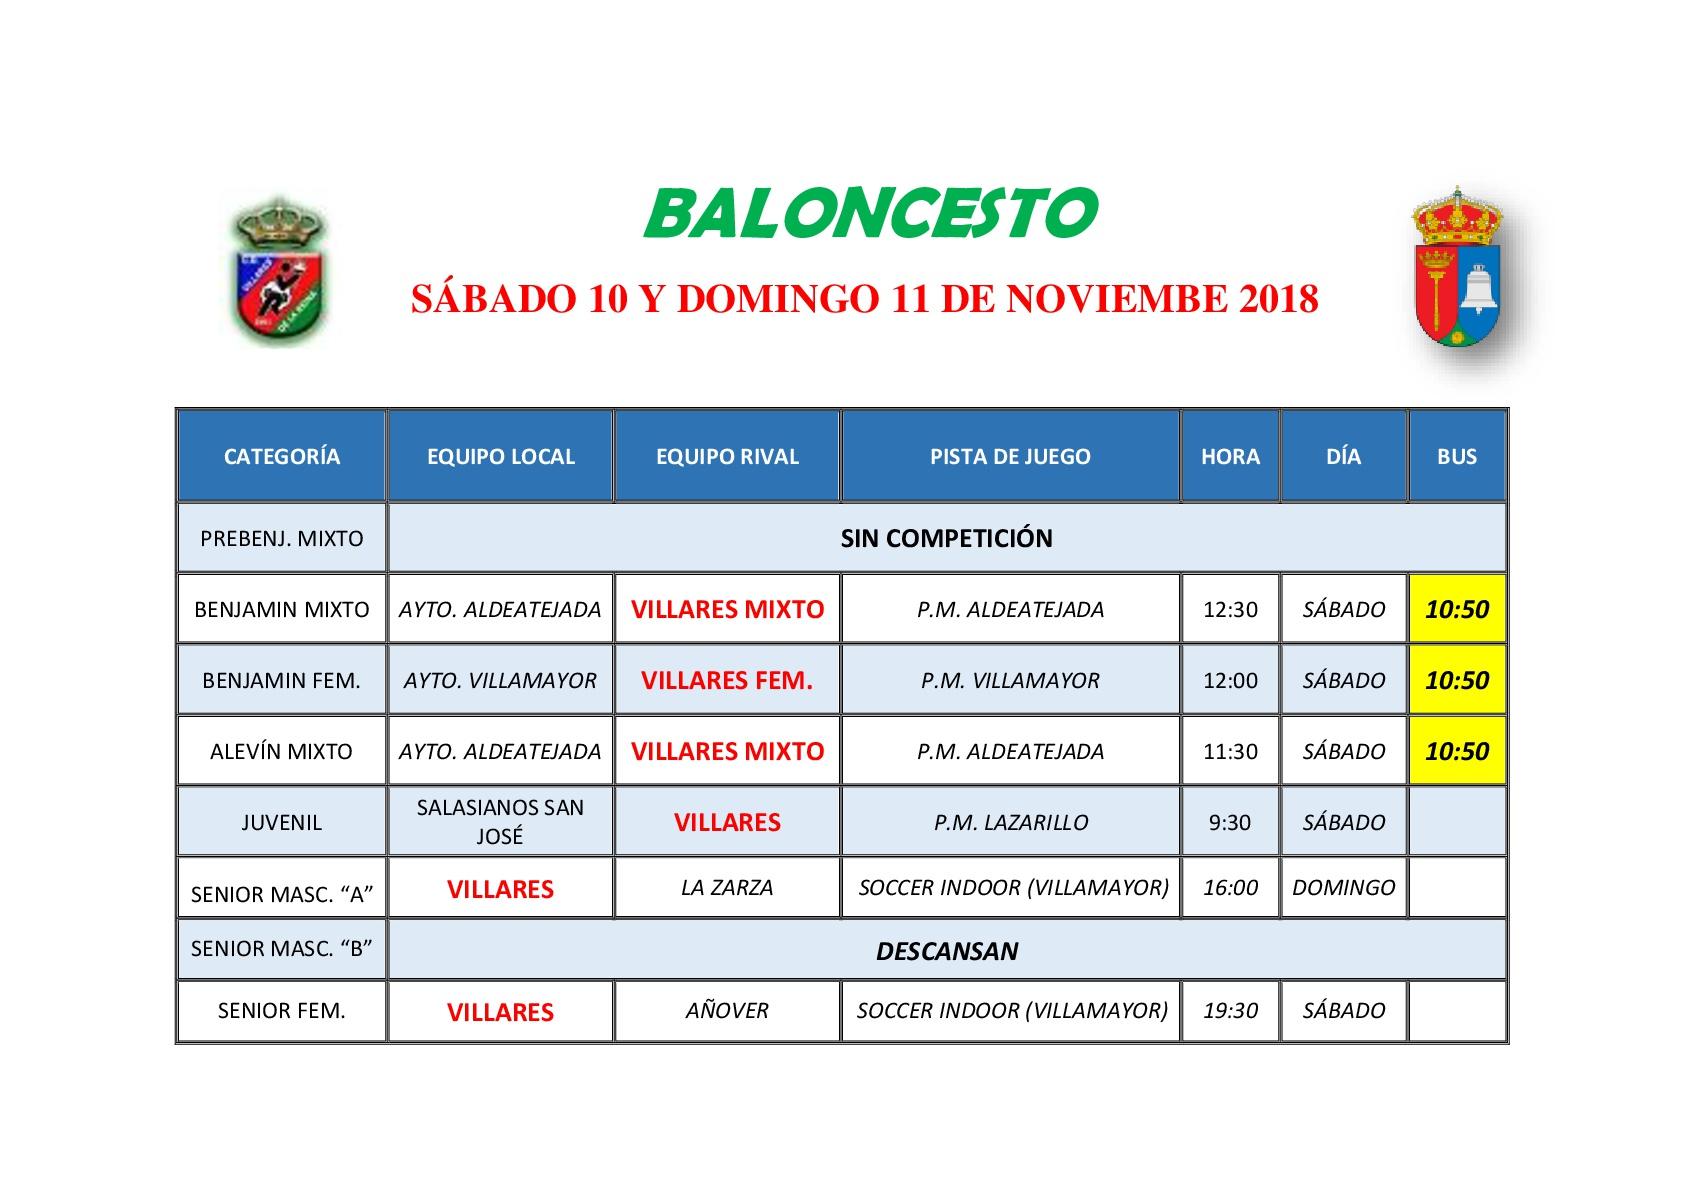 HORARIOS DE BALONCESTO S�BADO 10 Y DOMINGO 11 DE NOVIEMBRE